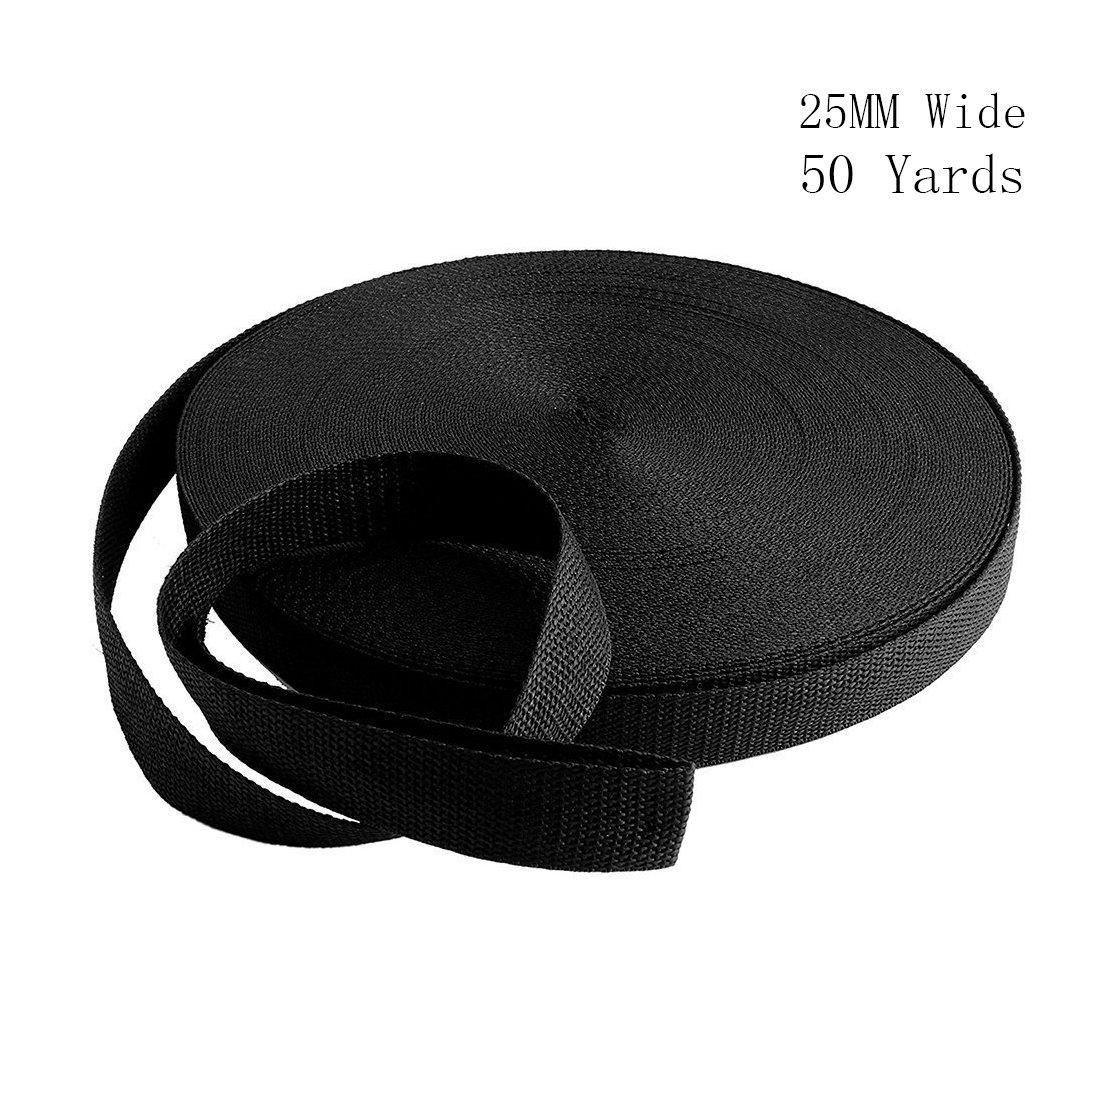 71QPgZVraVL - RETON 50 Yards Black Nylon Heavy Polypro Webbing Strap (25mm)